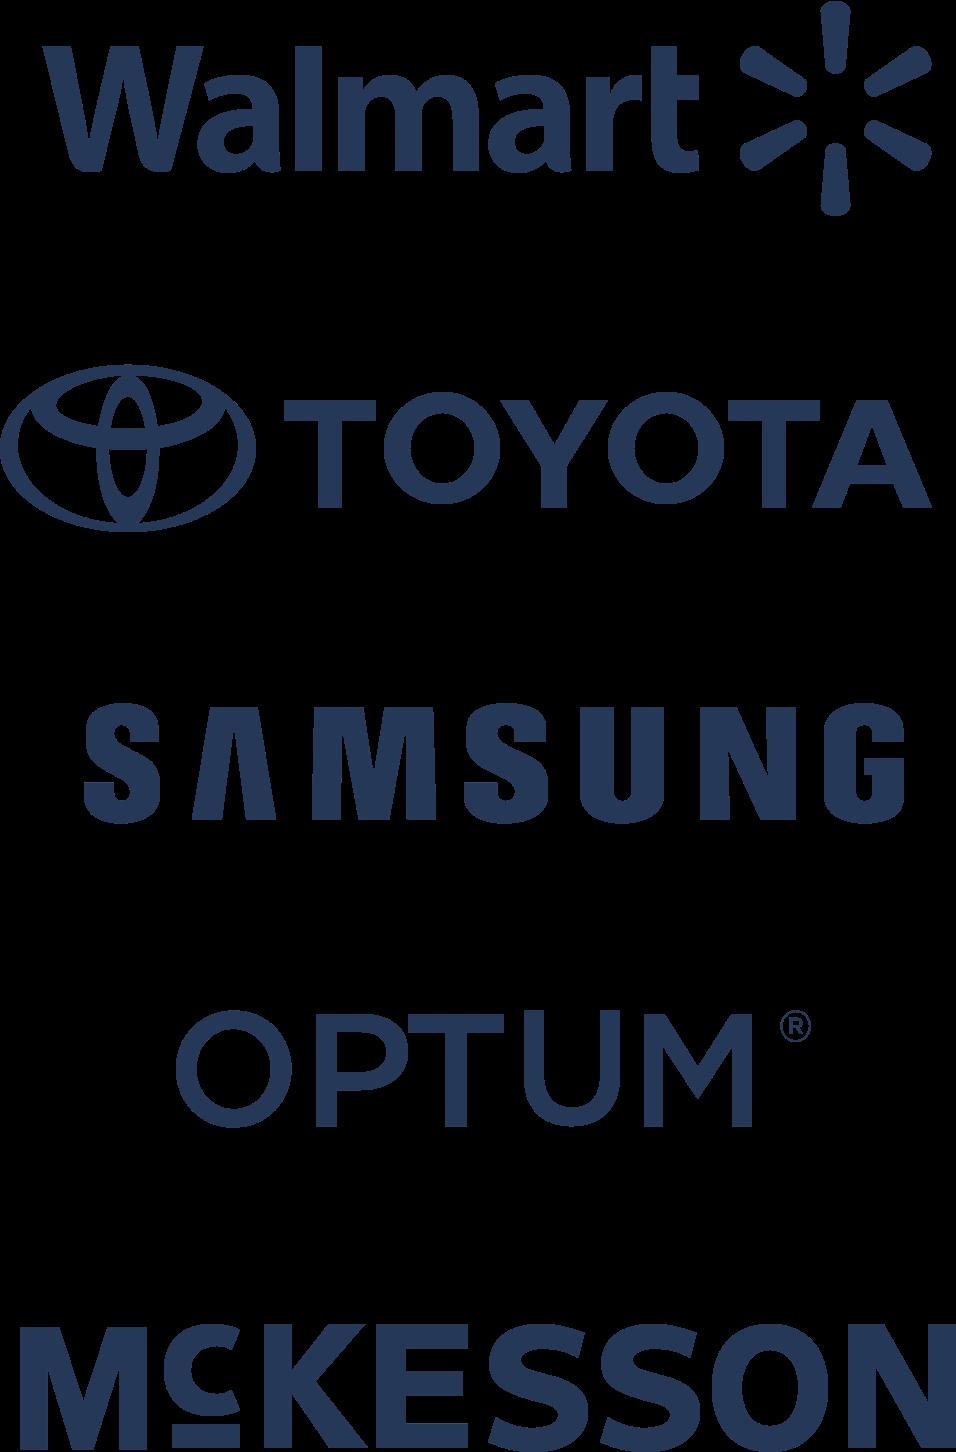 Logo Walmart, Toyota, Samsung, Optum, McKesson